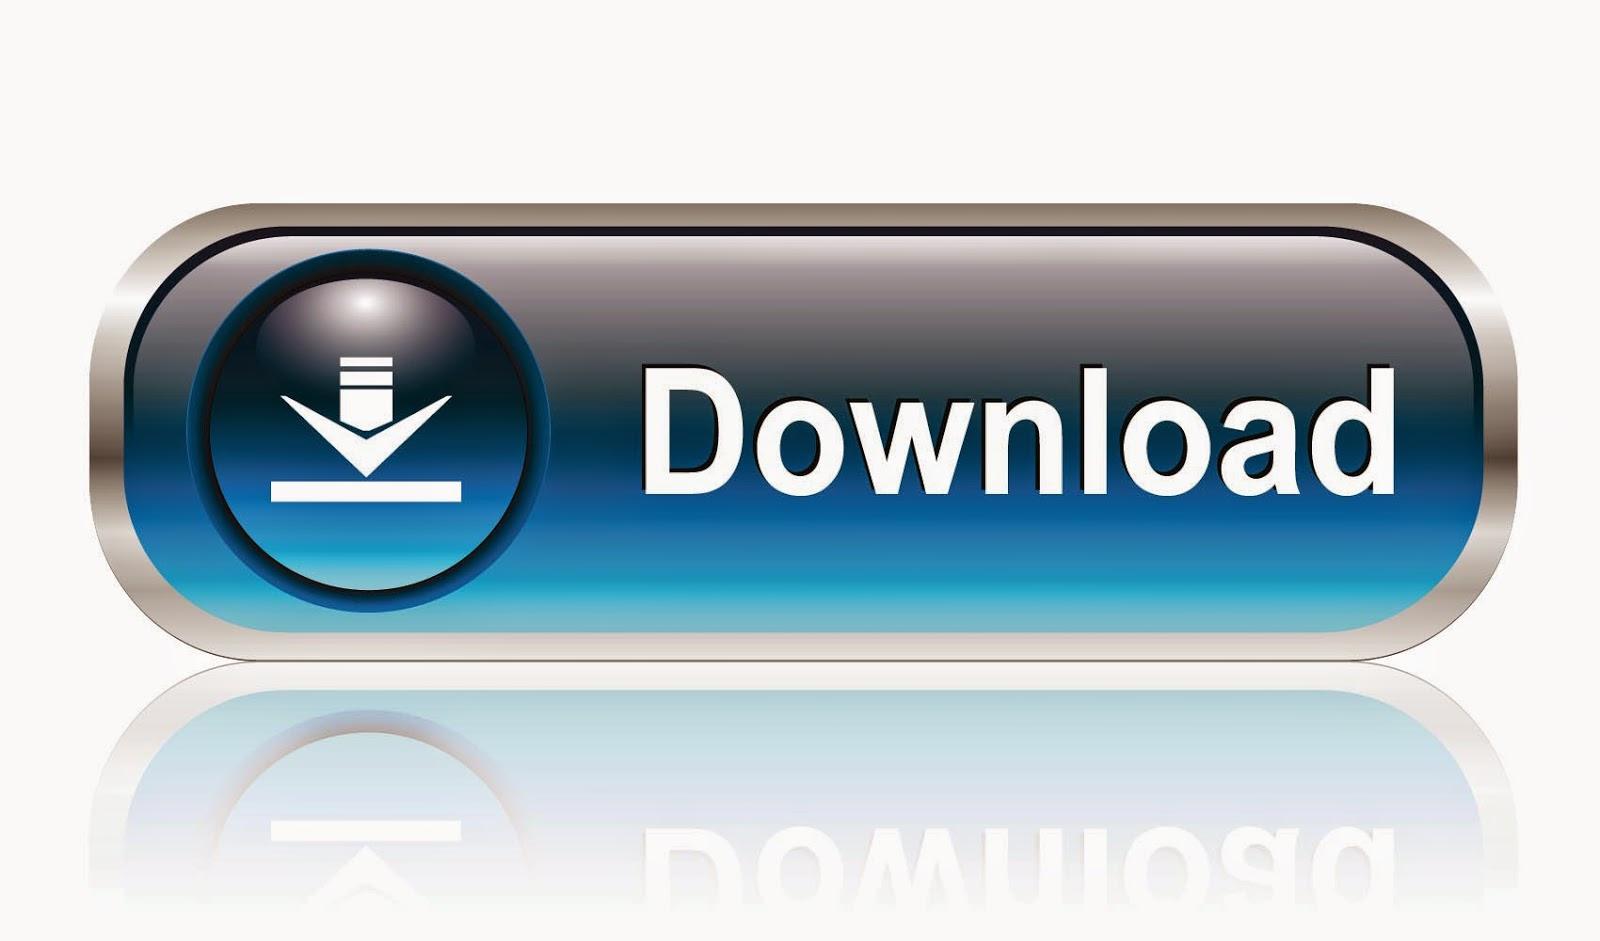 """<img src=""""http://4.bp.blogspot.com/-WuFyIk4xaAI/U1TRIKAy9iI/AAAAAAAACYo/kGXH8BGZHaA/s1600/ifun-box.png"""" alt=""""i-FunBox 2.7 Free Download"""" />"""